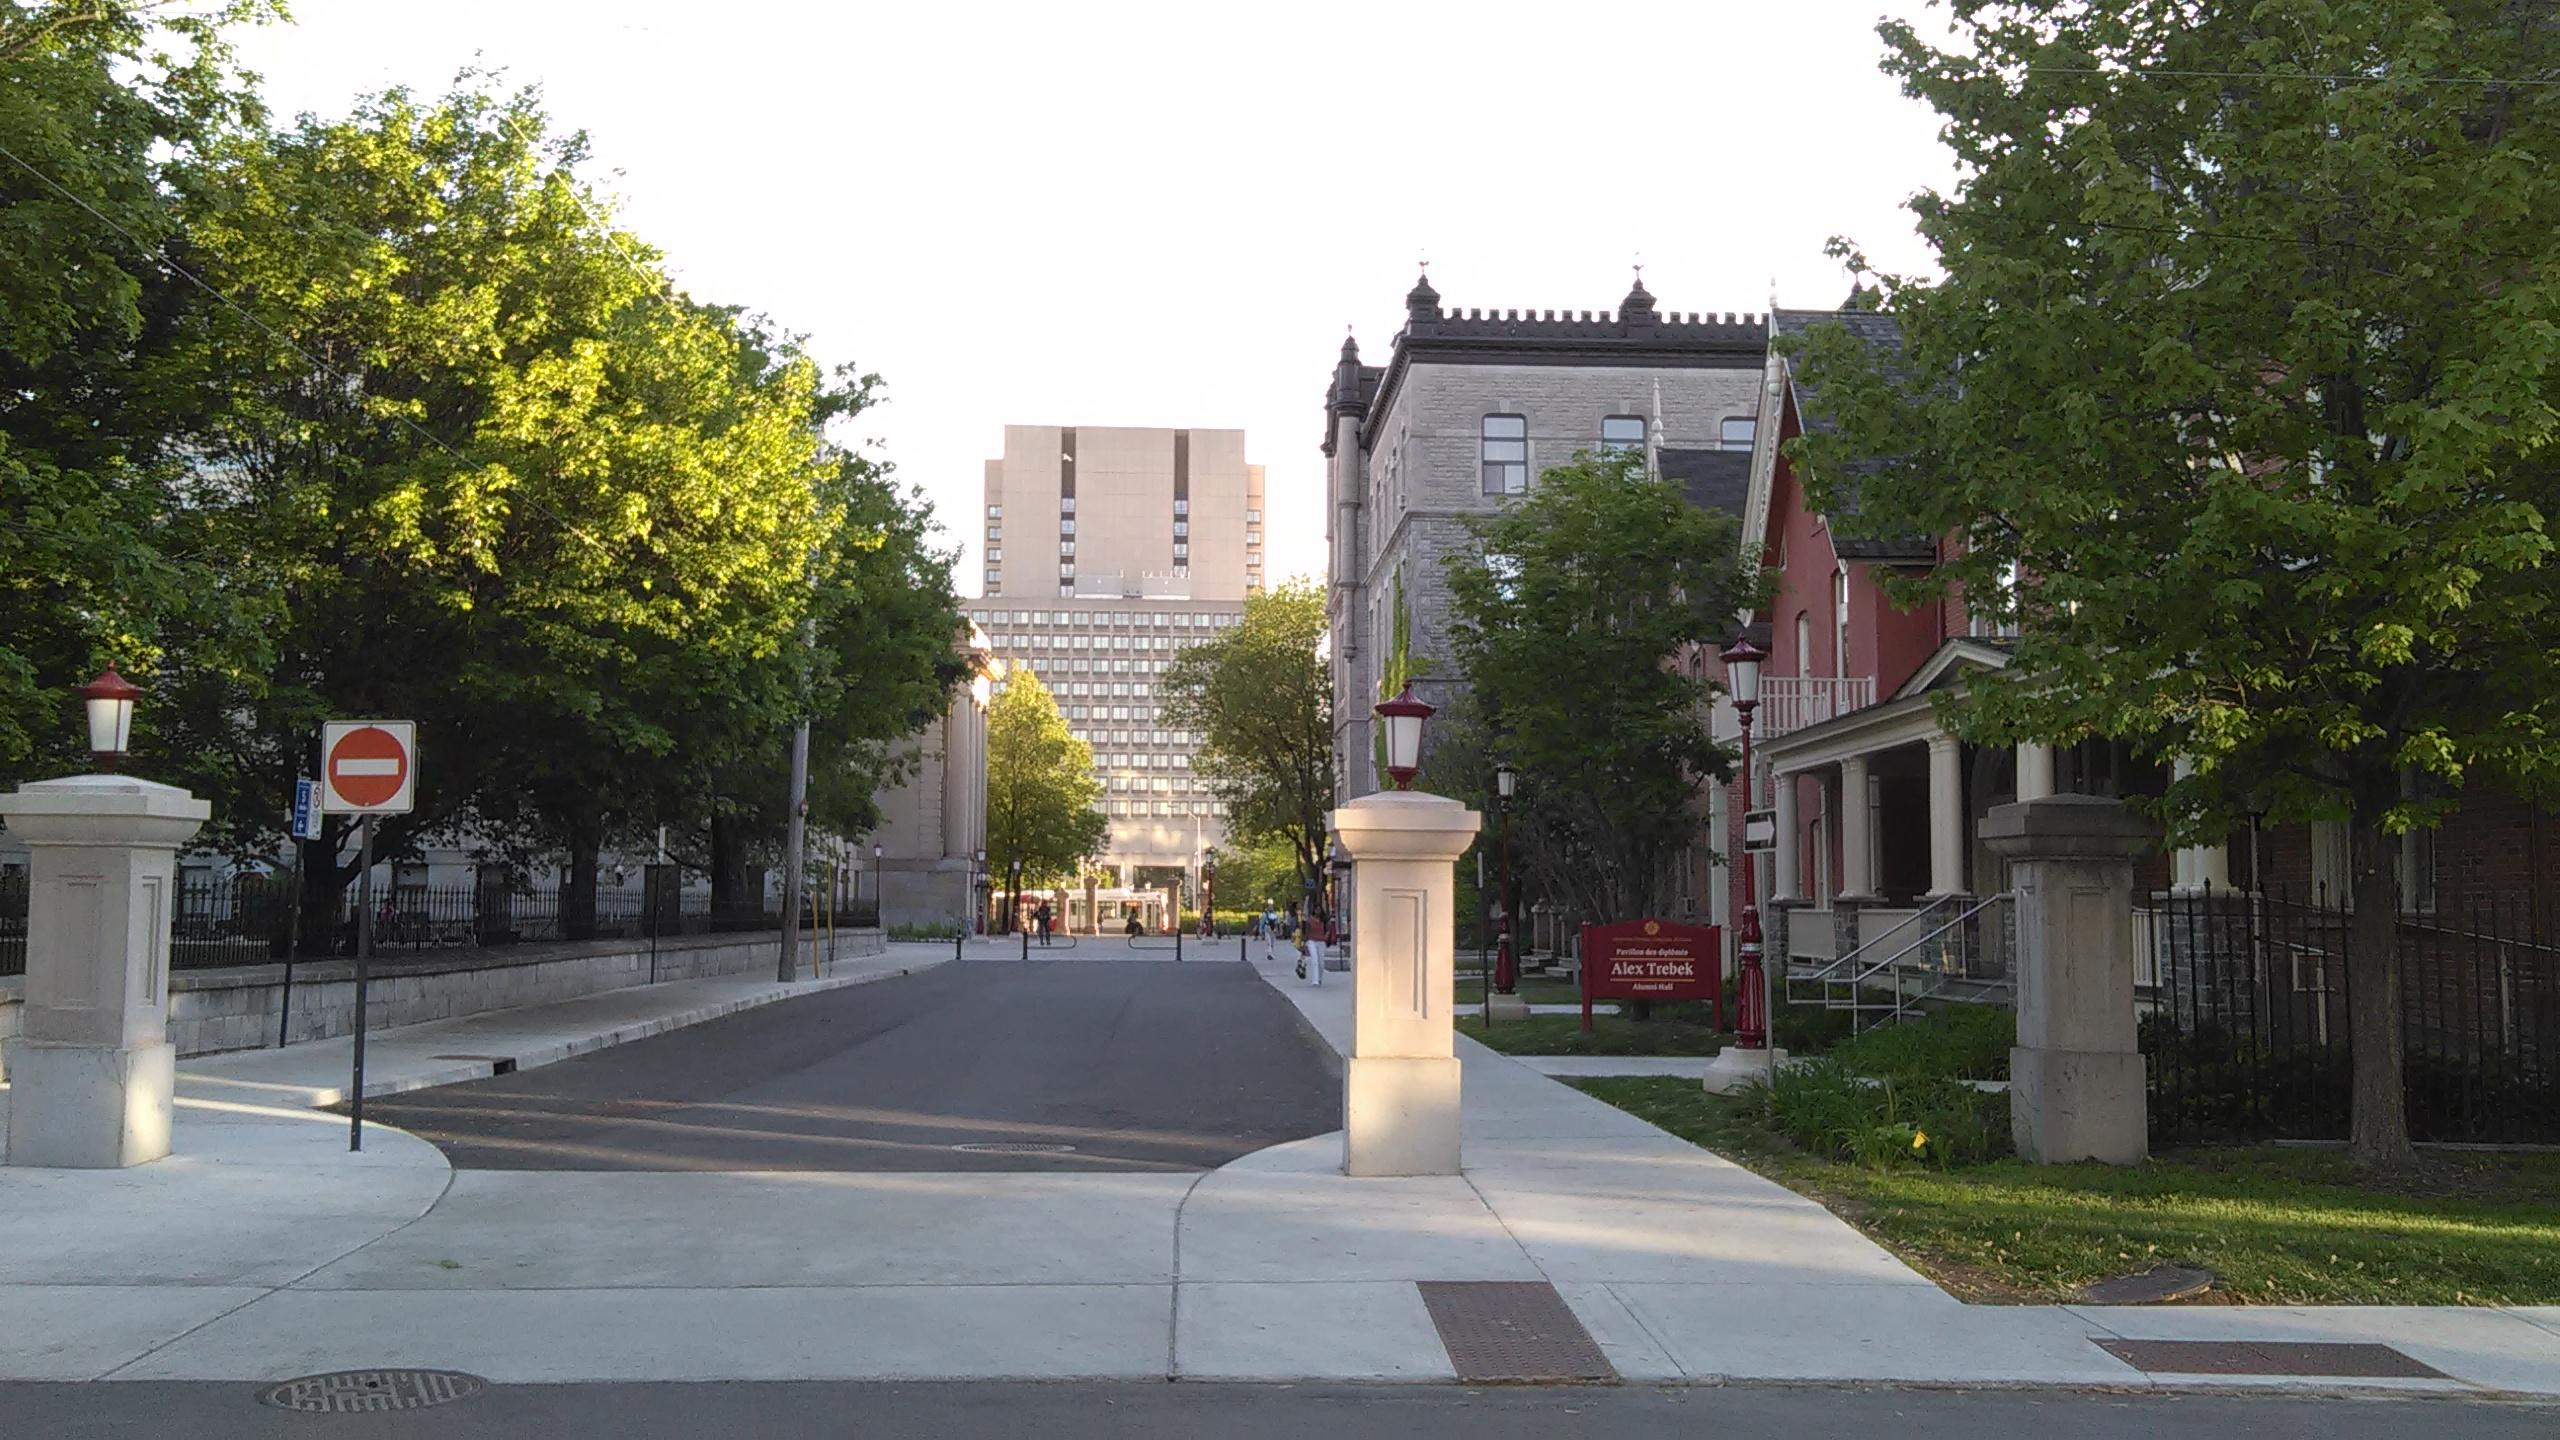 Ottawa University.